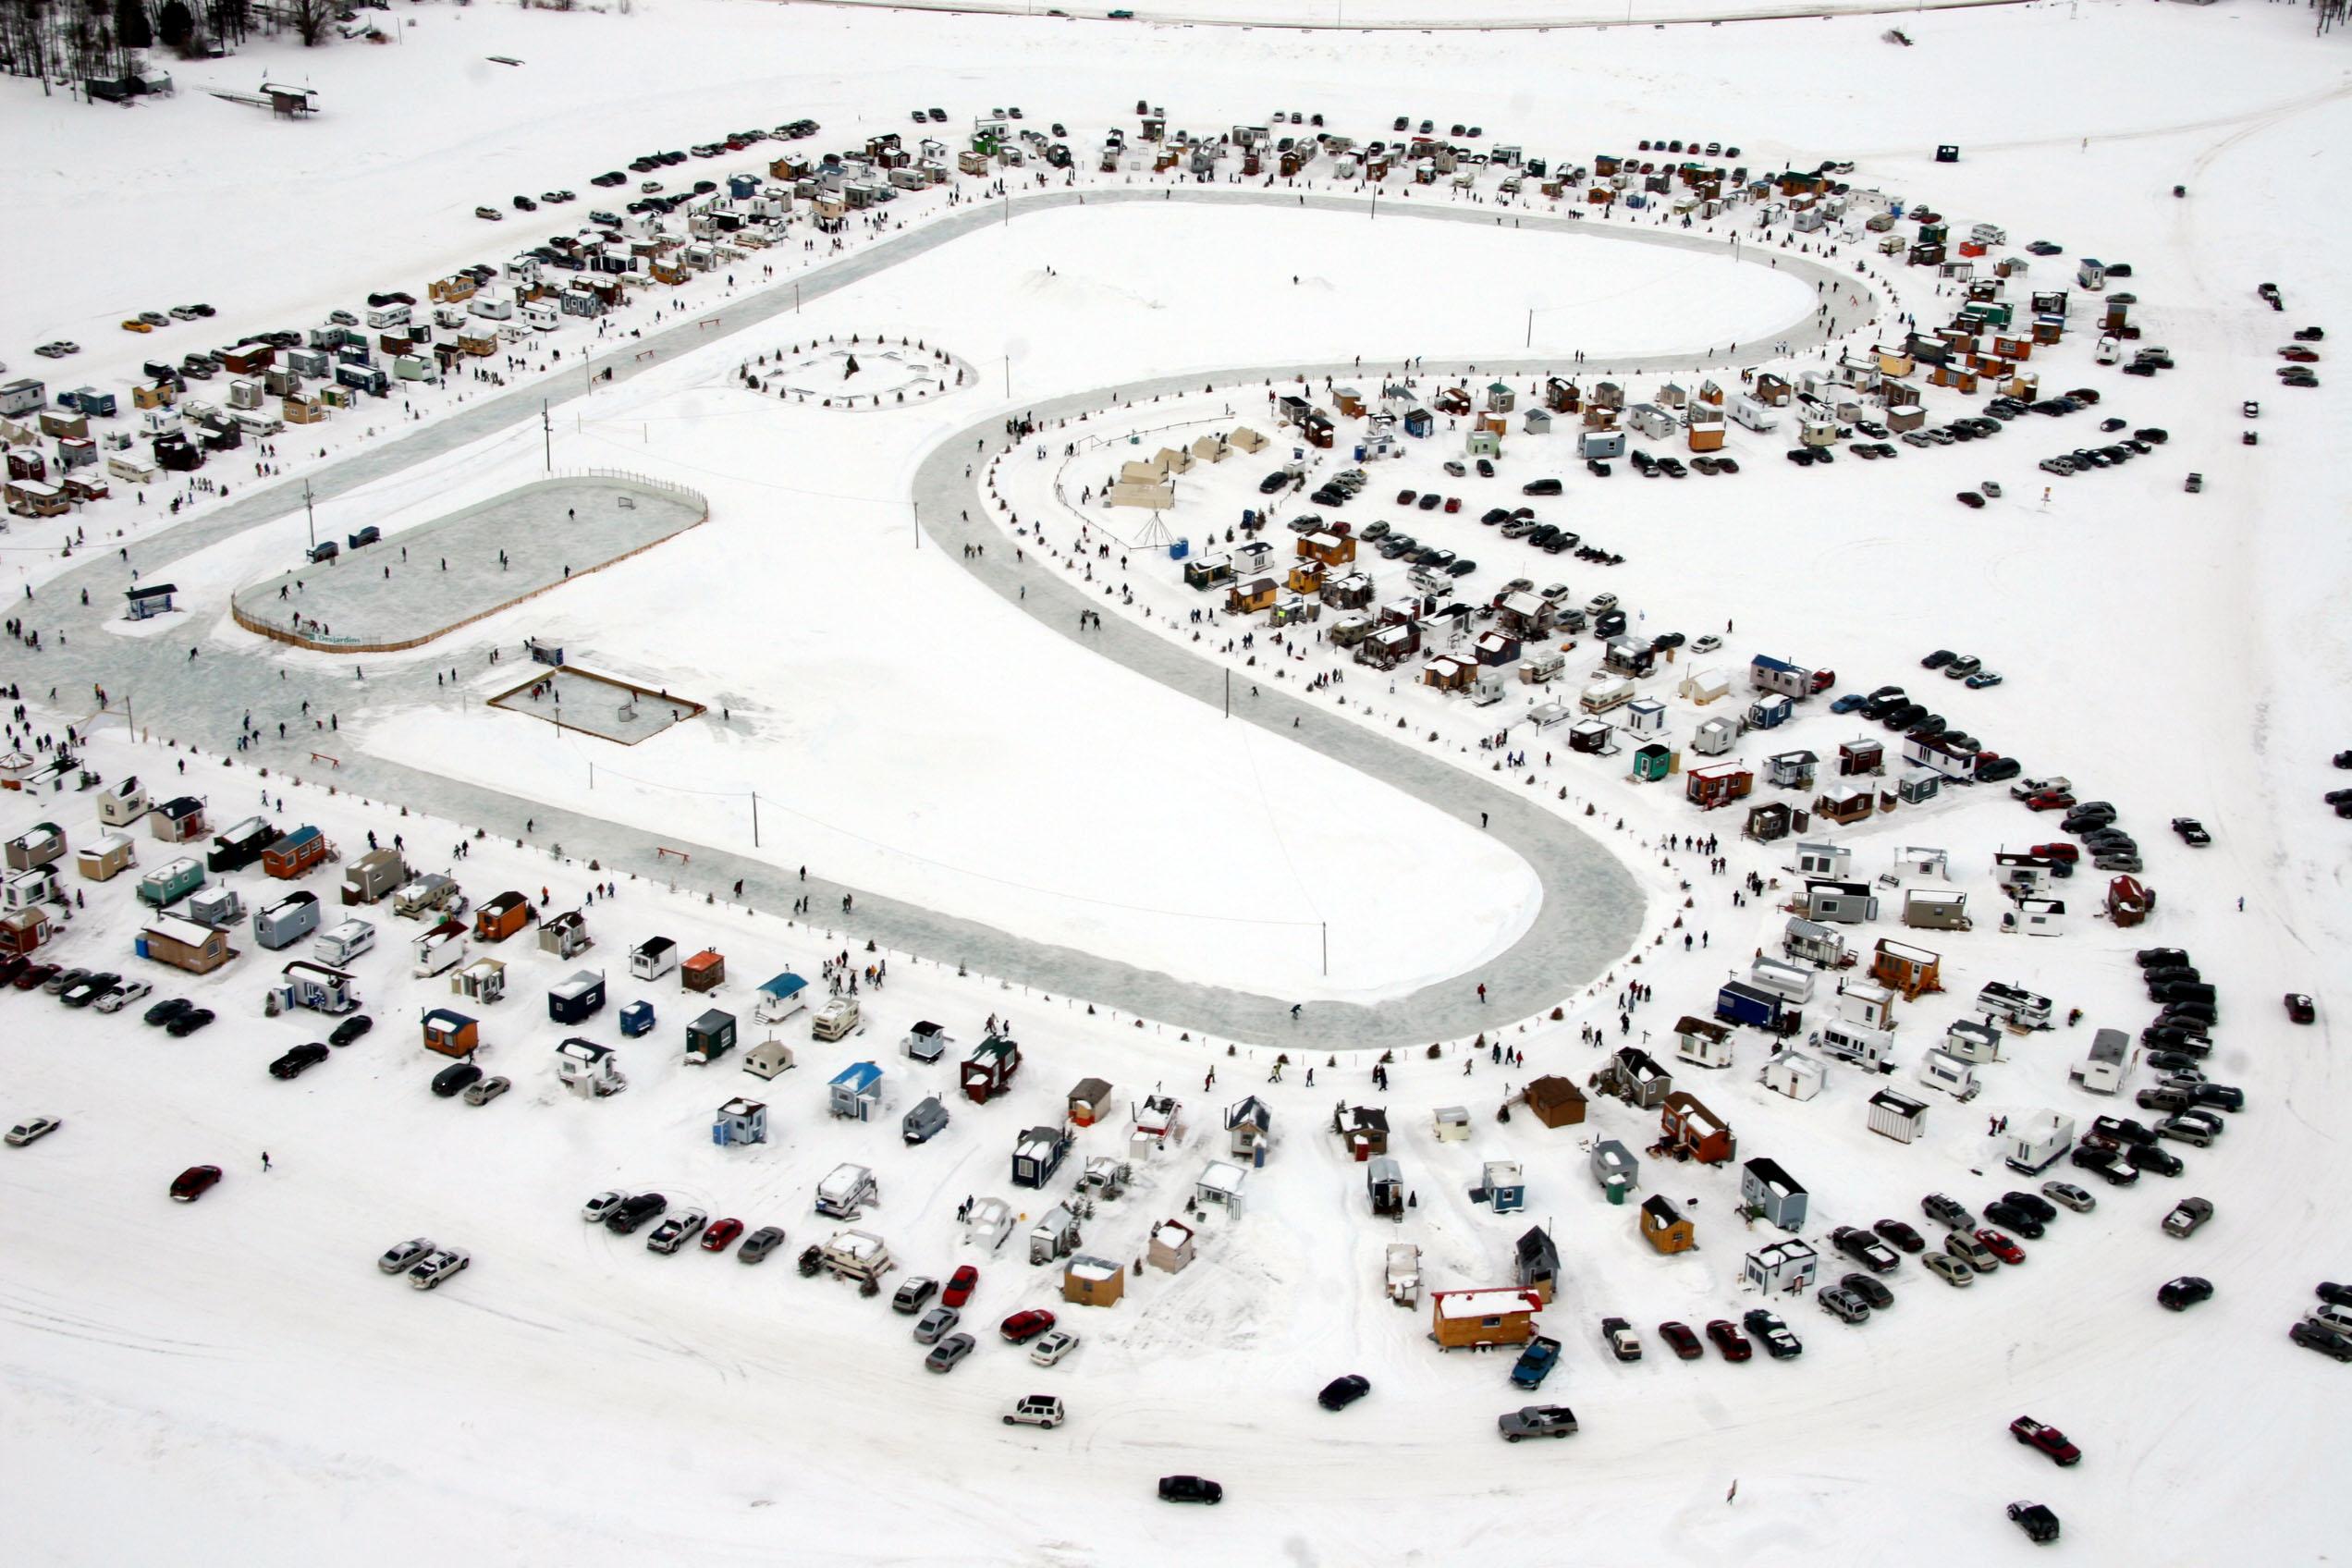 Photo aériennes prises lors d'un survol du village sur glace de Roberval. Image prise par le Caporal Alex Roy, Atelier d'Imagerie,3e Escadre Bagotville.